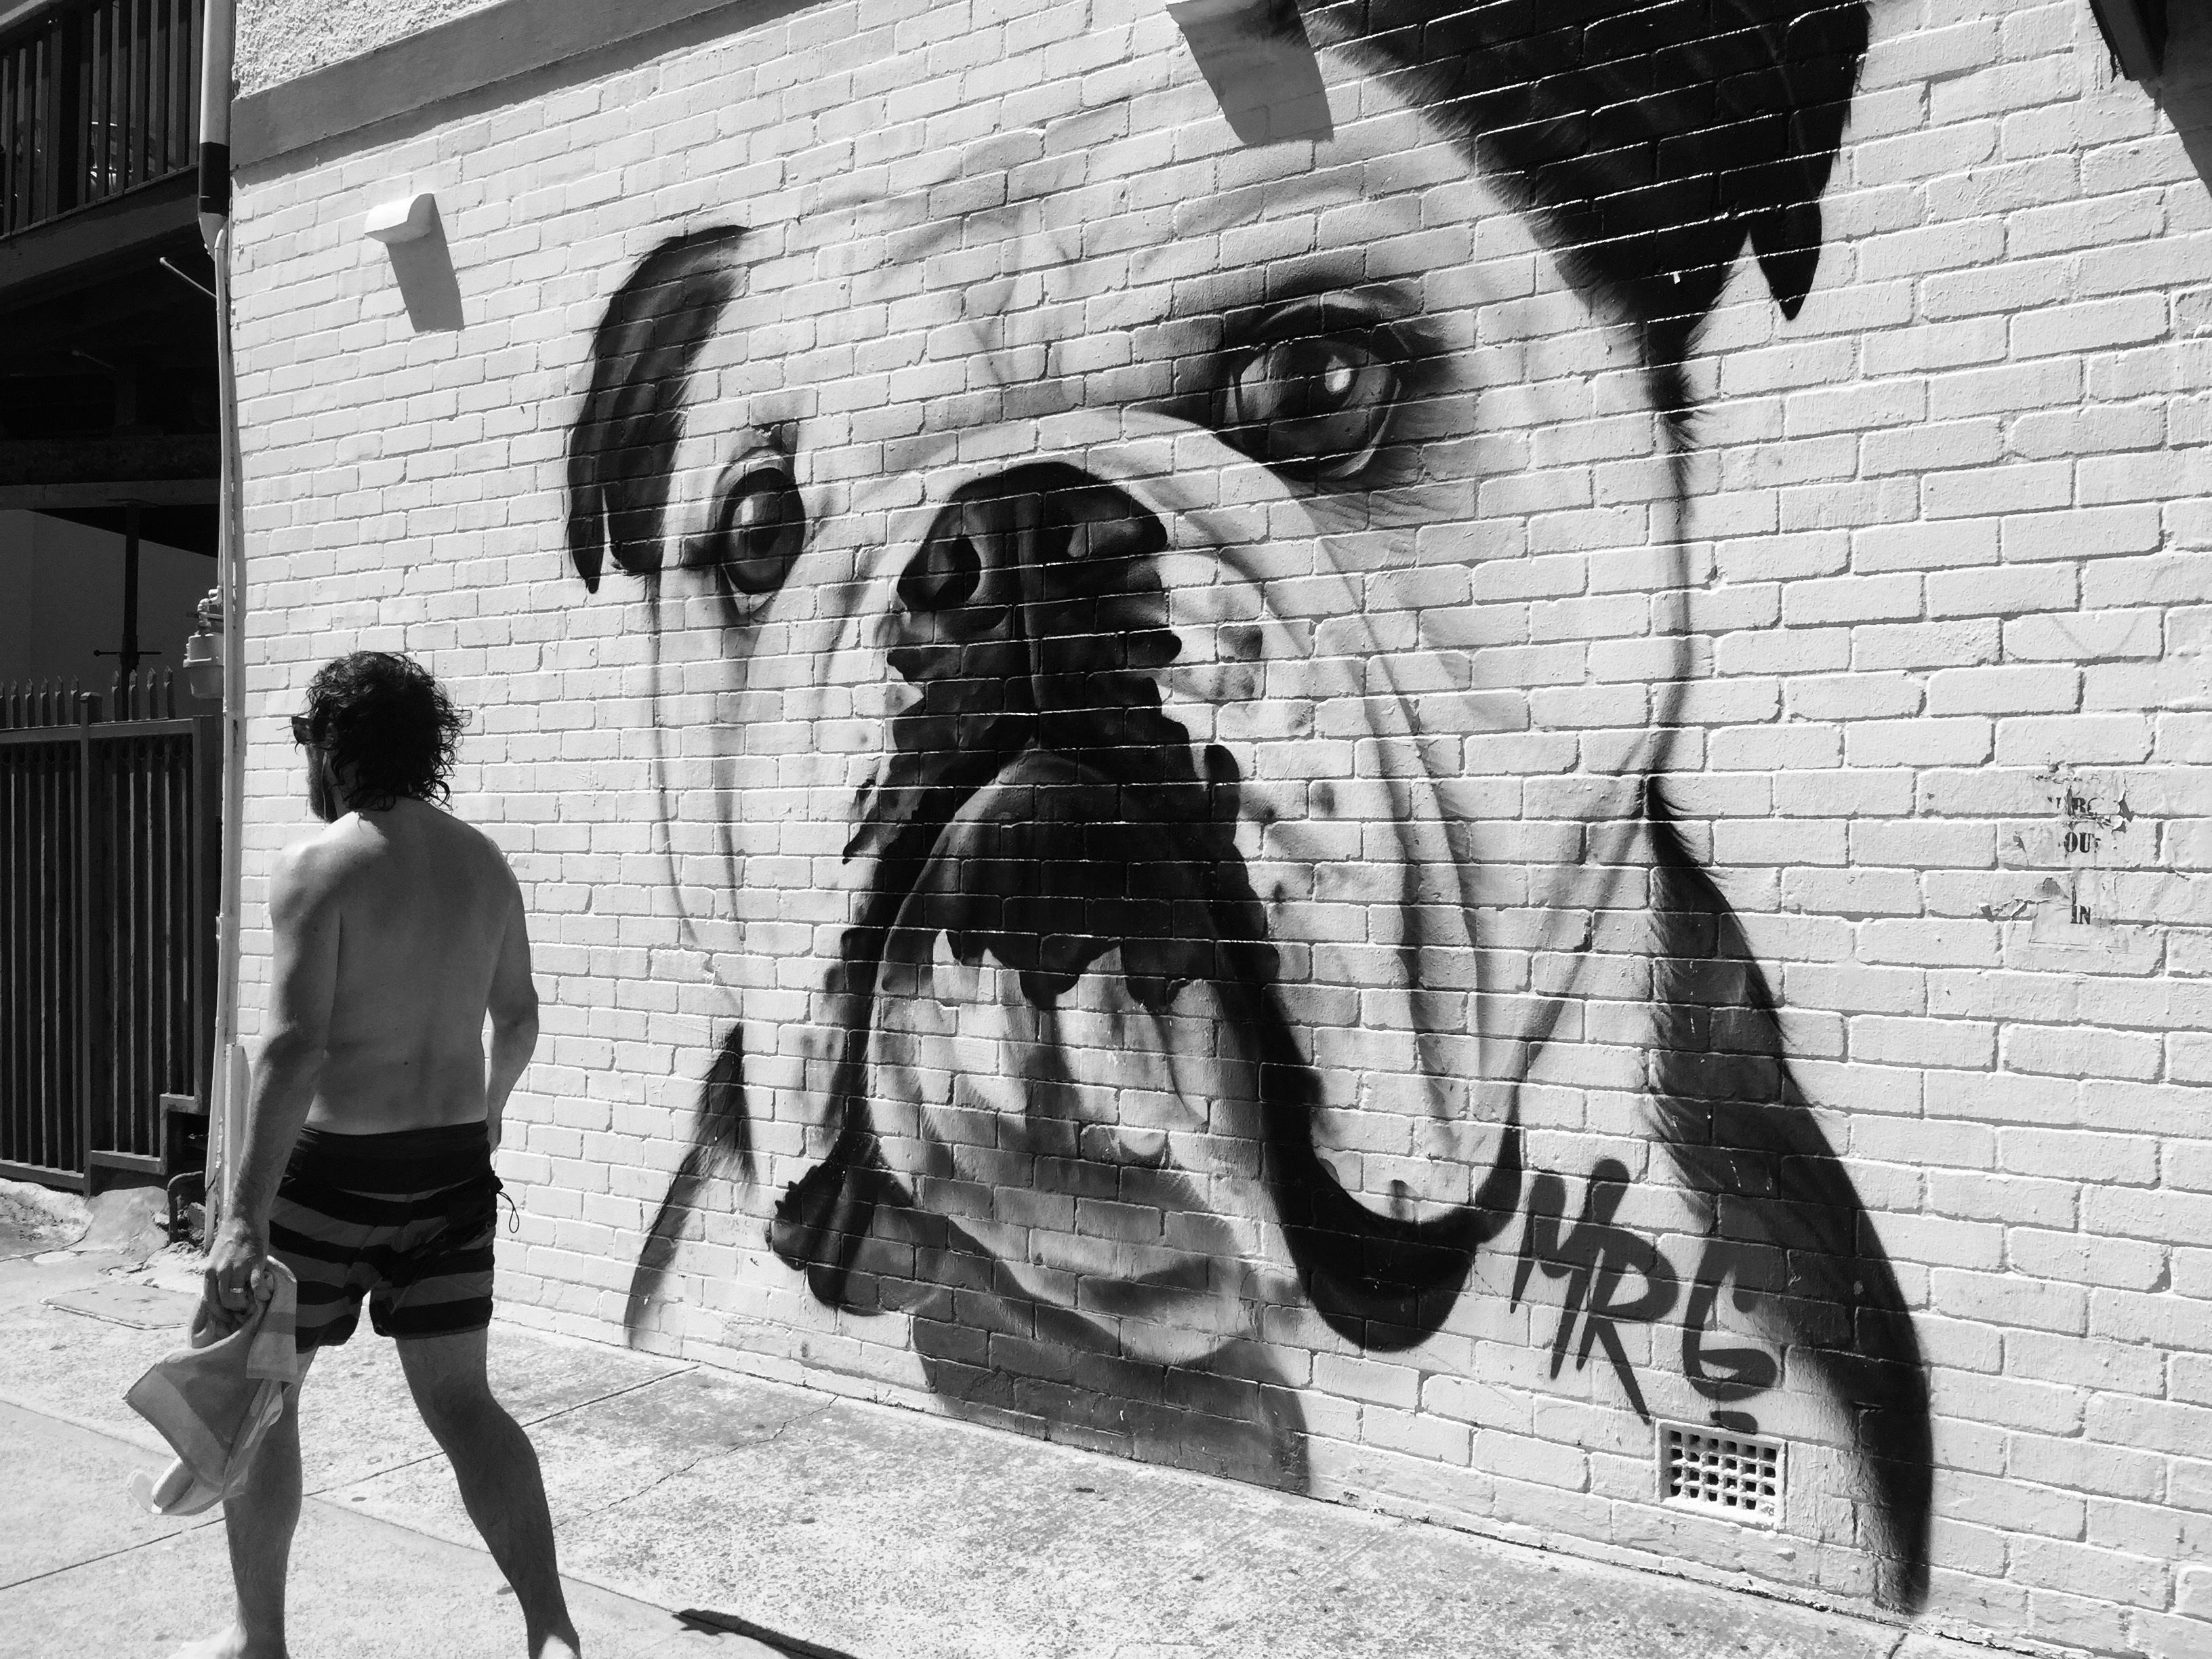 высокие фотографии граффити черно белые район является